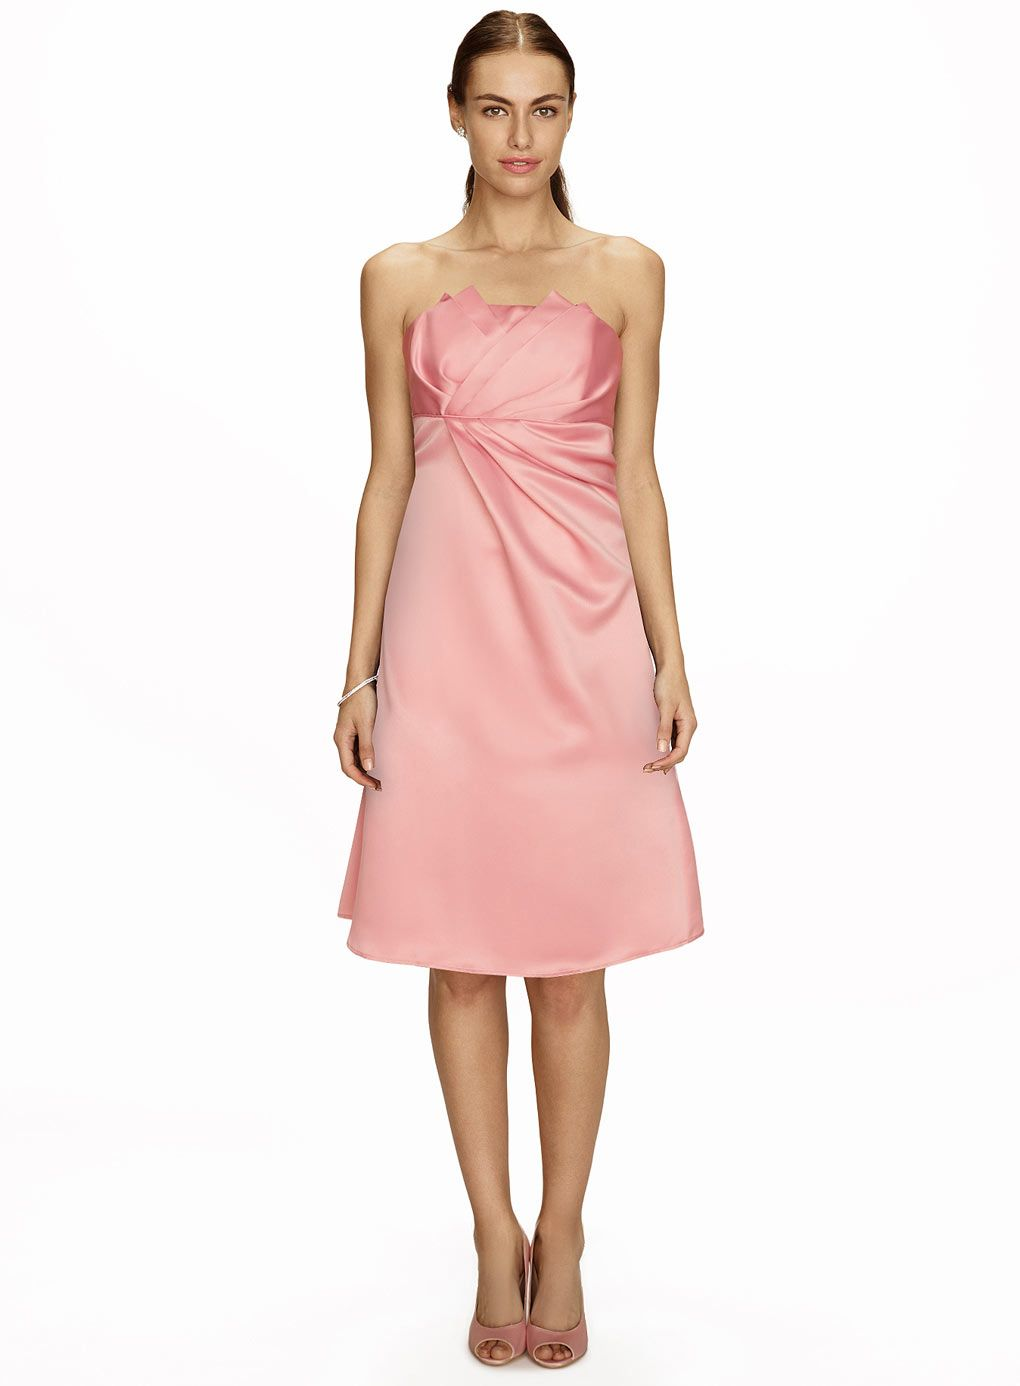 Iris Ballet Pink Short Dress, pink bridesmaid dress http://www ...